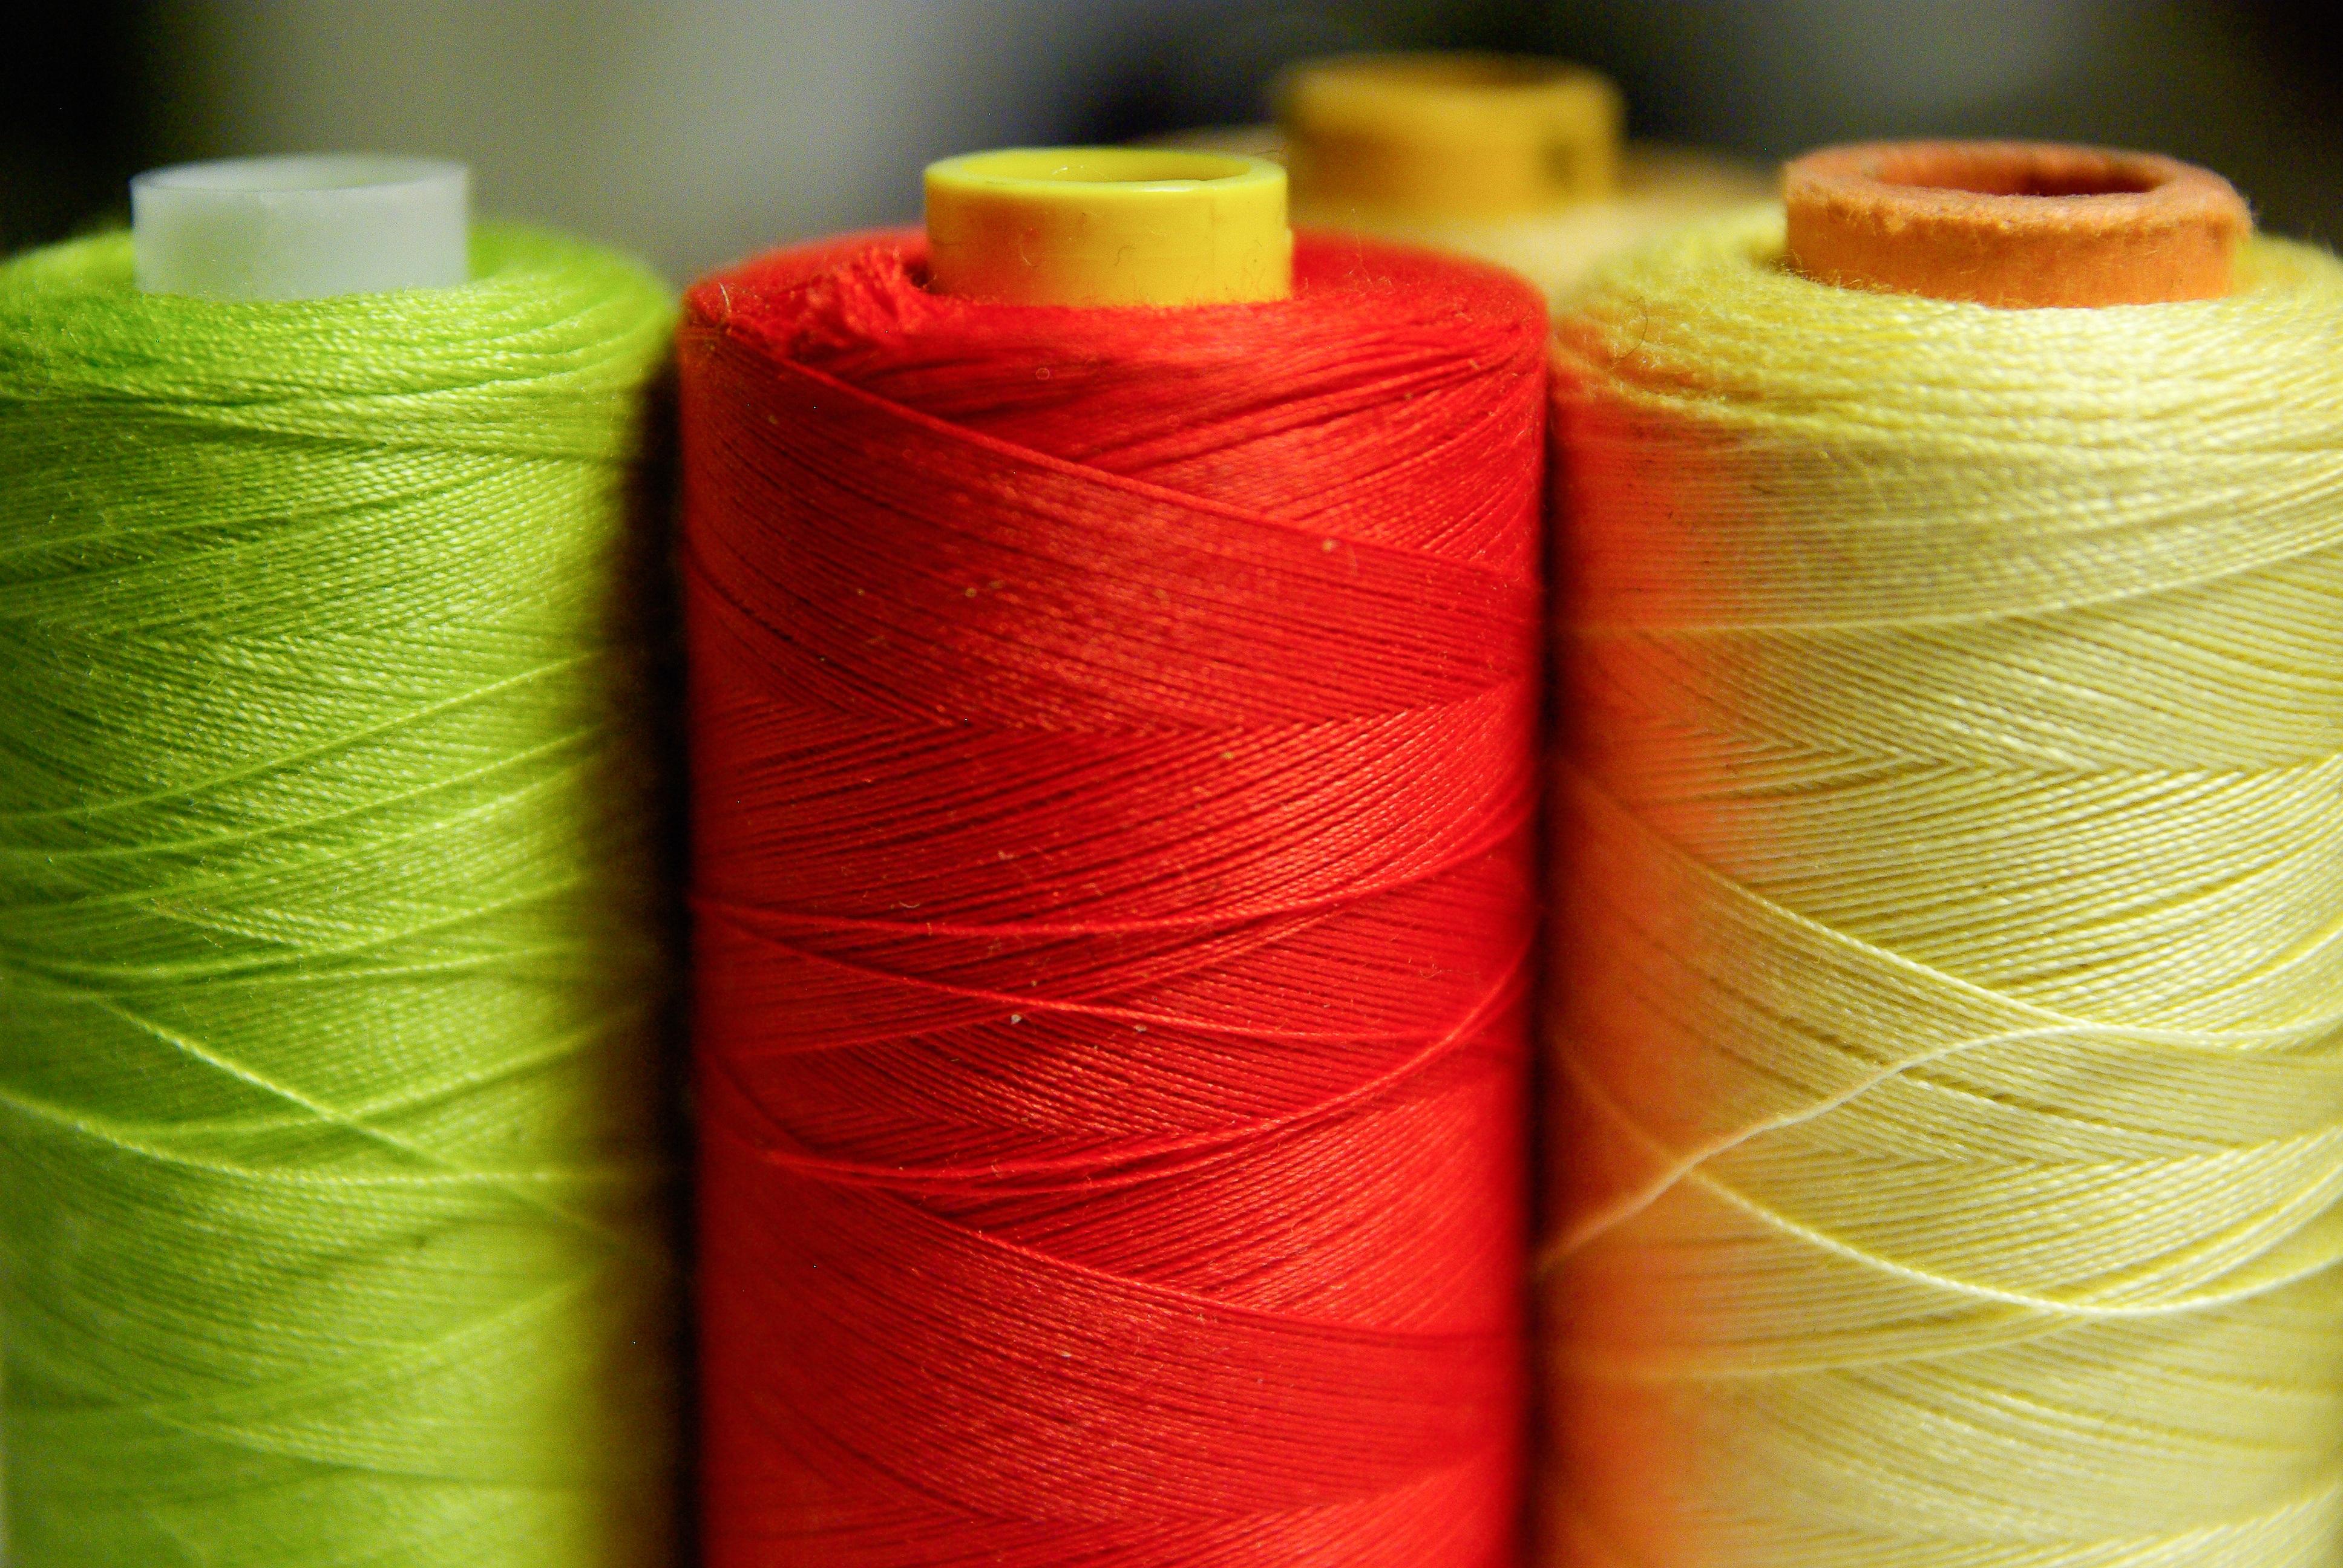 La laine mérinos, une laine naturelle fine et douce